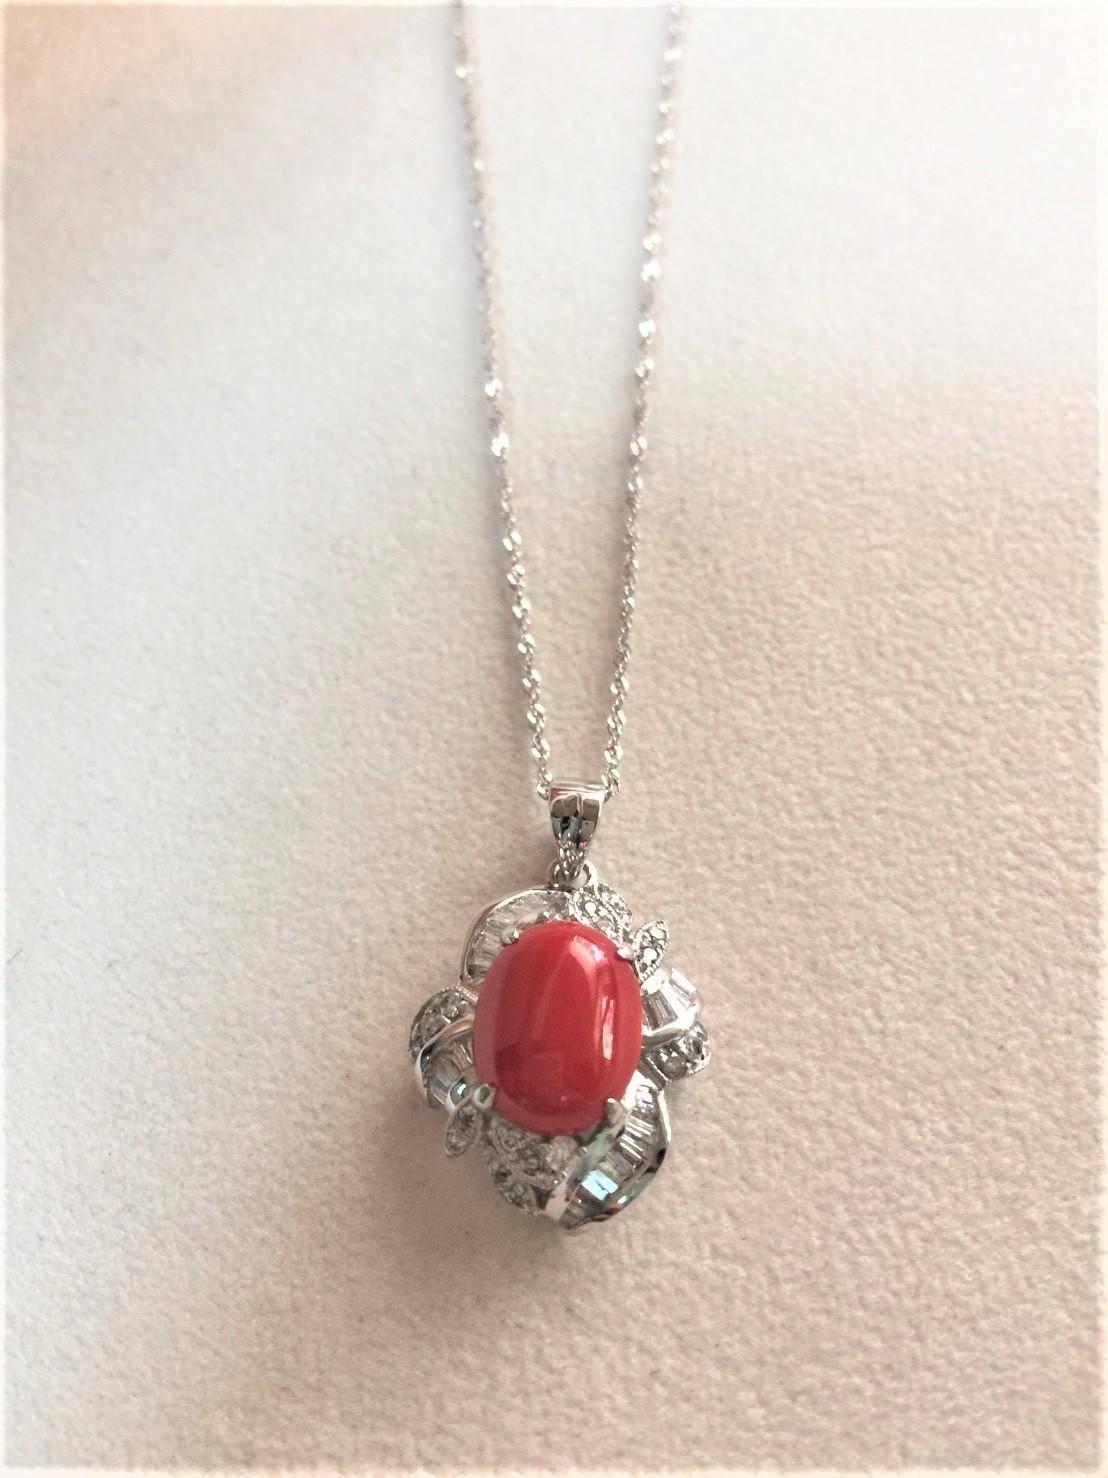 天然珊瑚鑽石墜子項鍊 14白K金 n0691-10